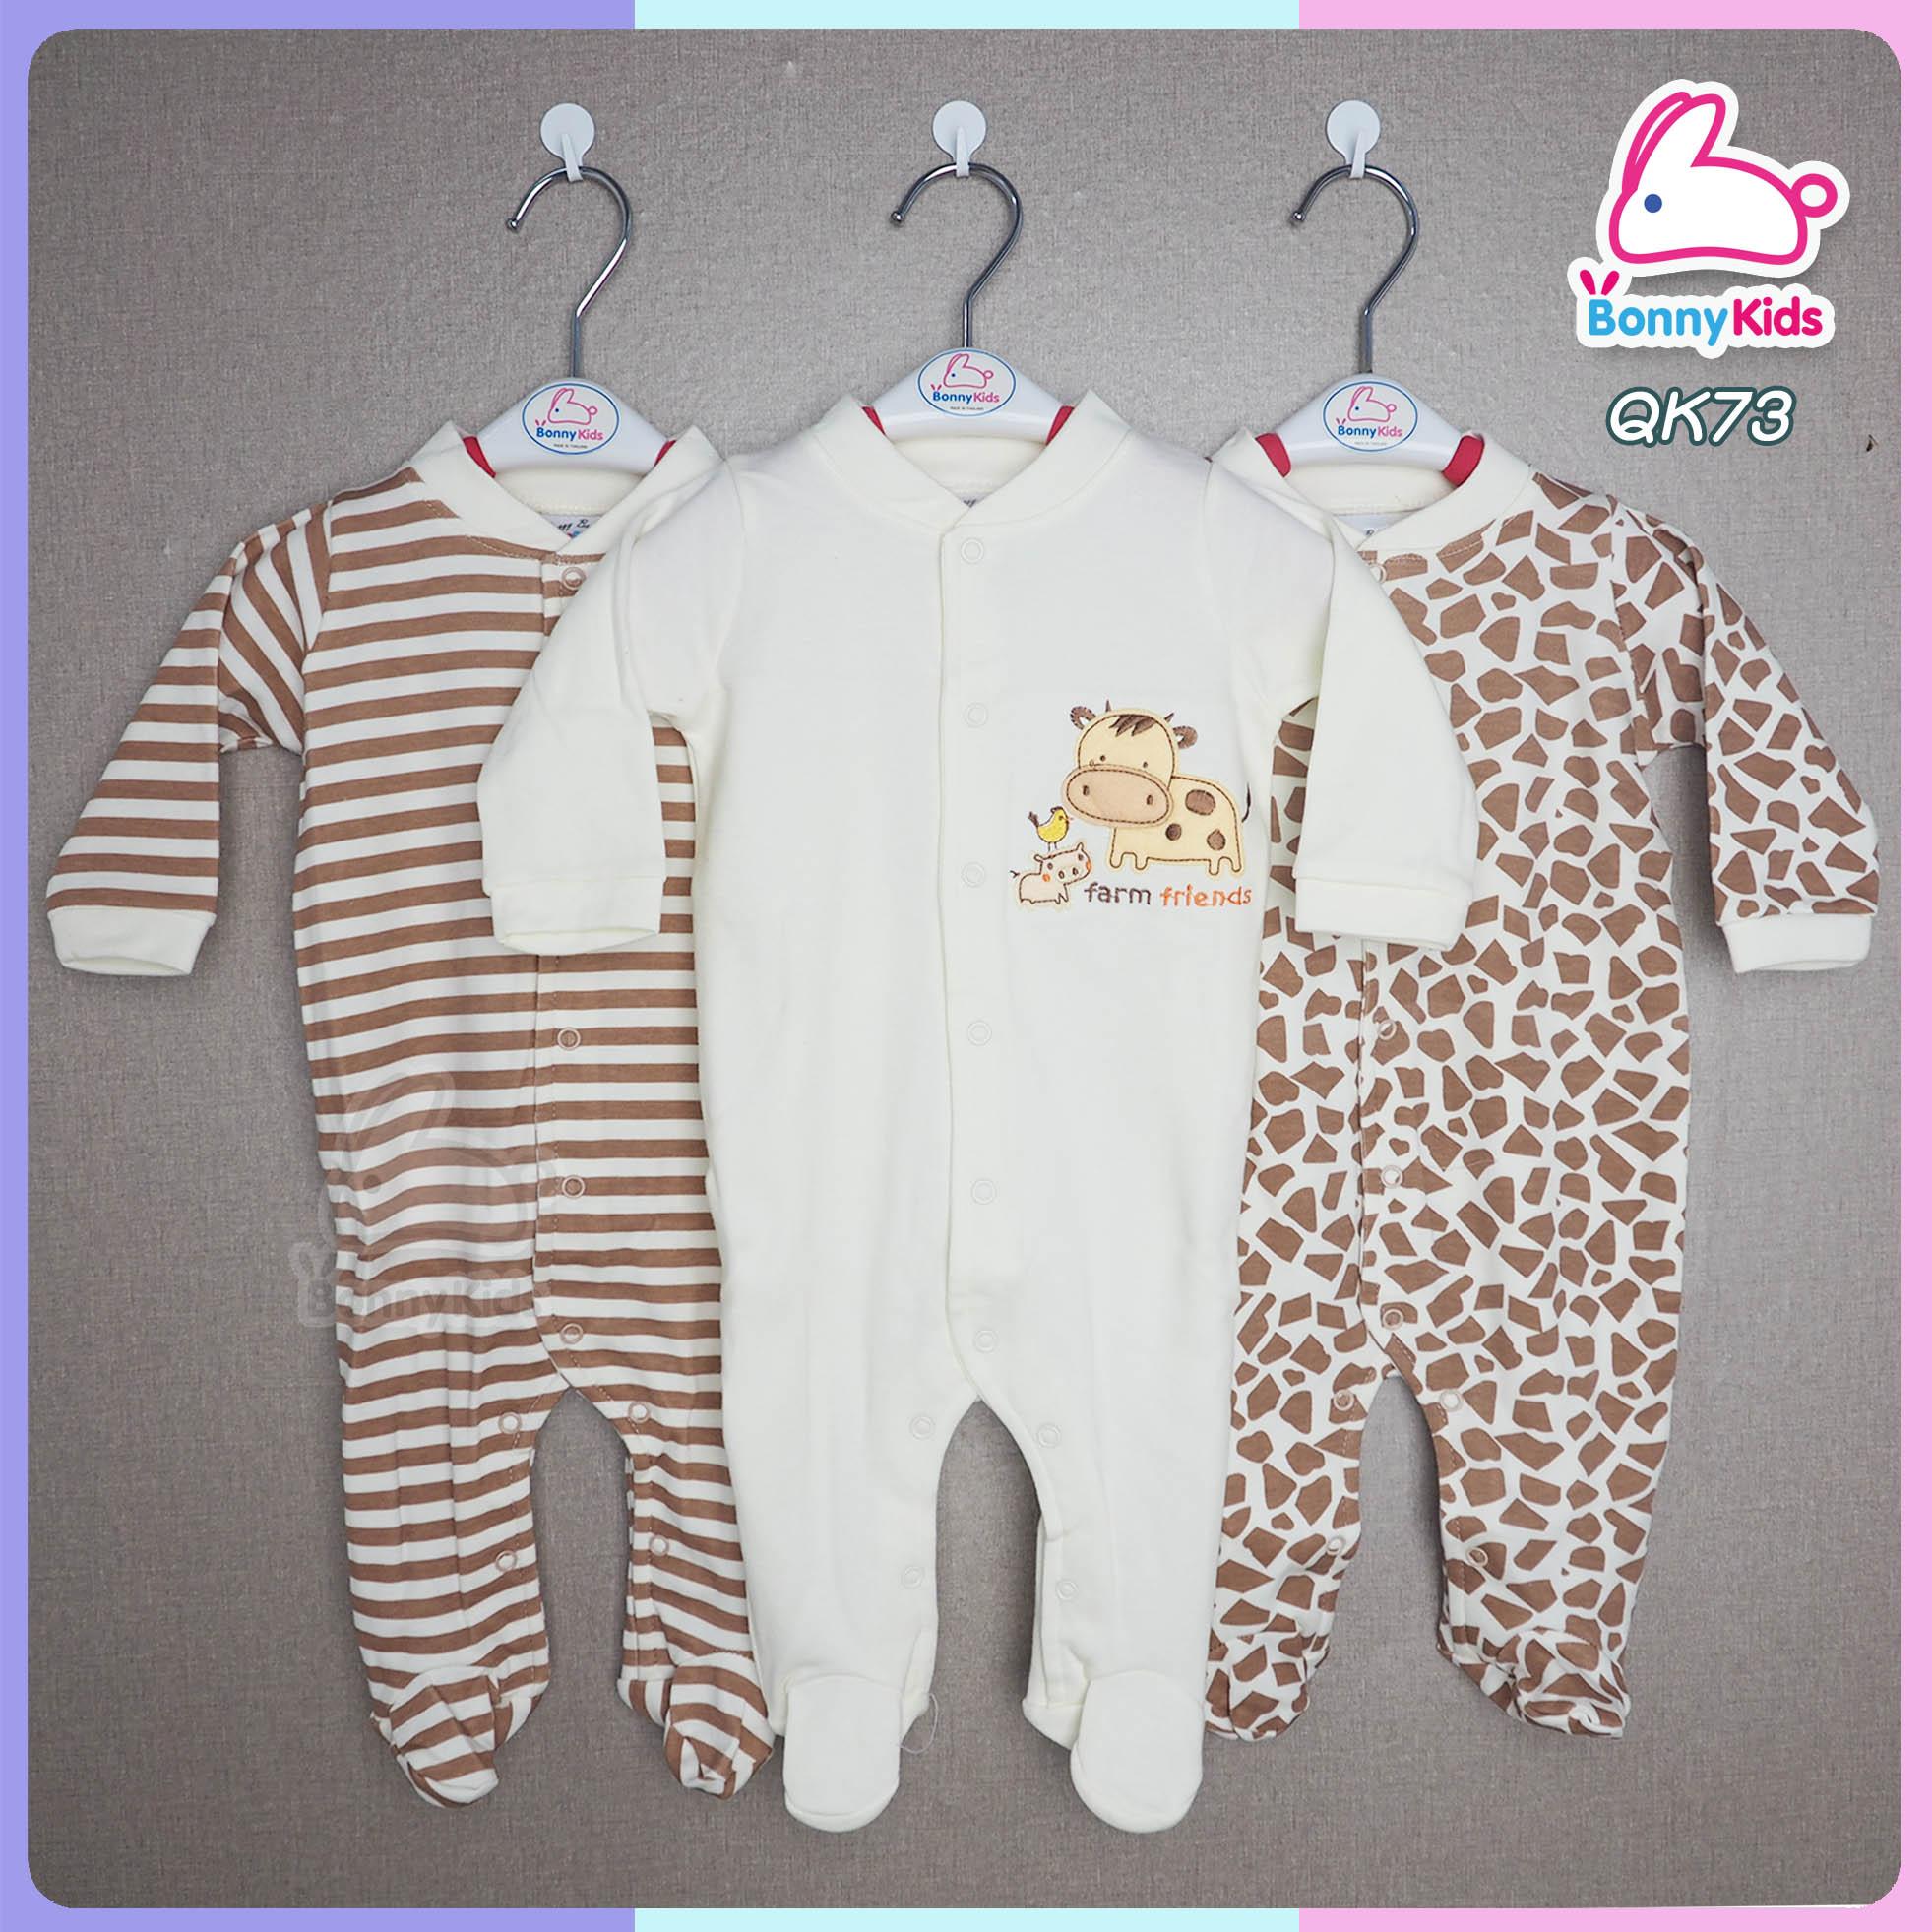 ชุดหมีหุ้มเท้า sleep suit แพ็ค 3 ชุด